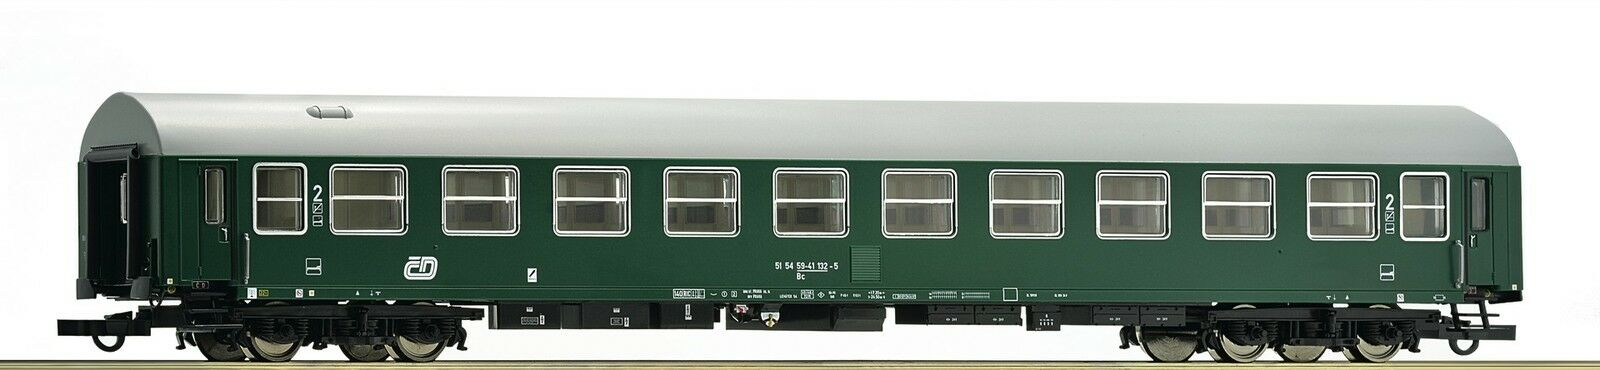 ROCO 64875 d-treno VETTURE Cuccetta CD Swap ASSE opzionale   GRATIS